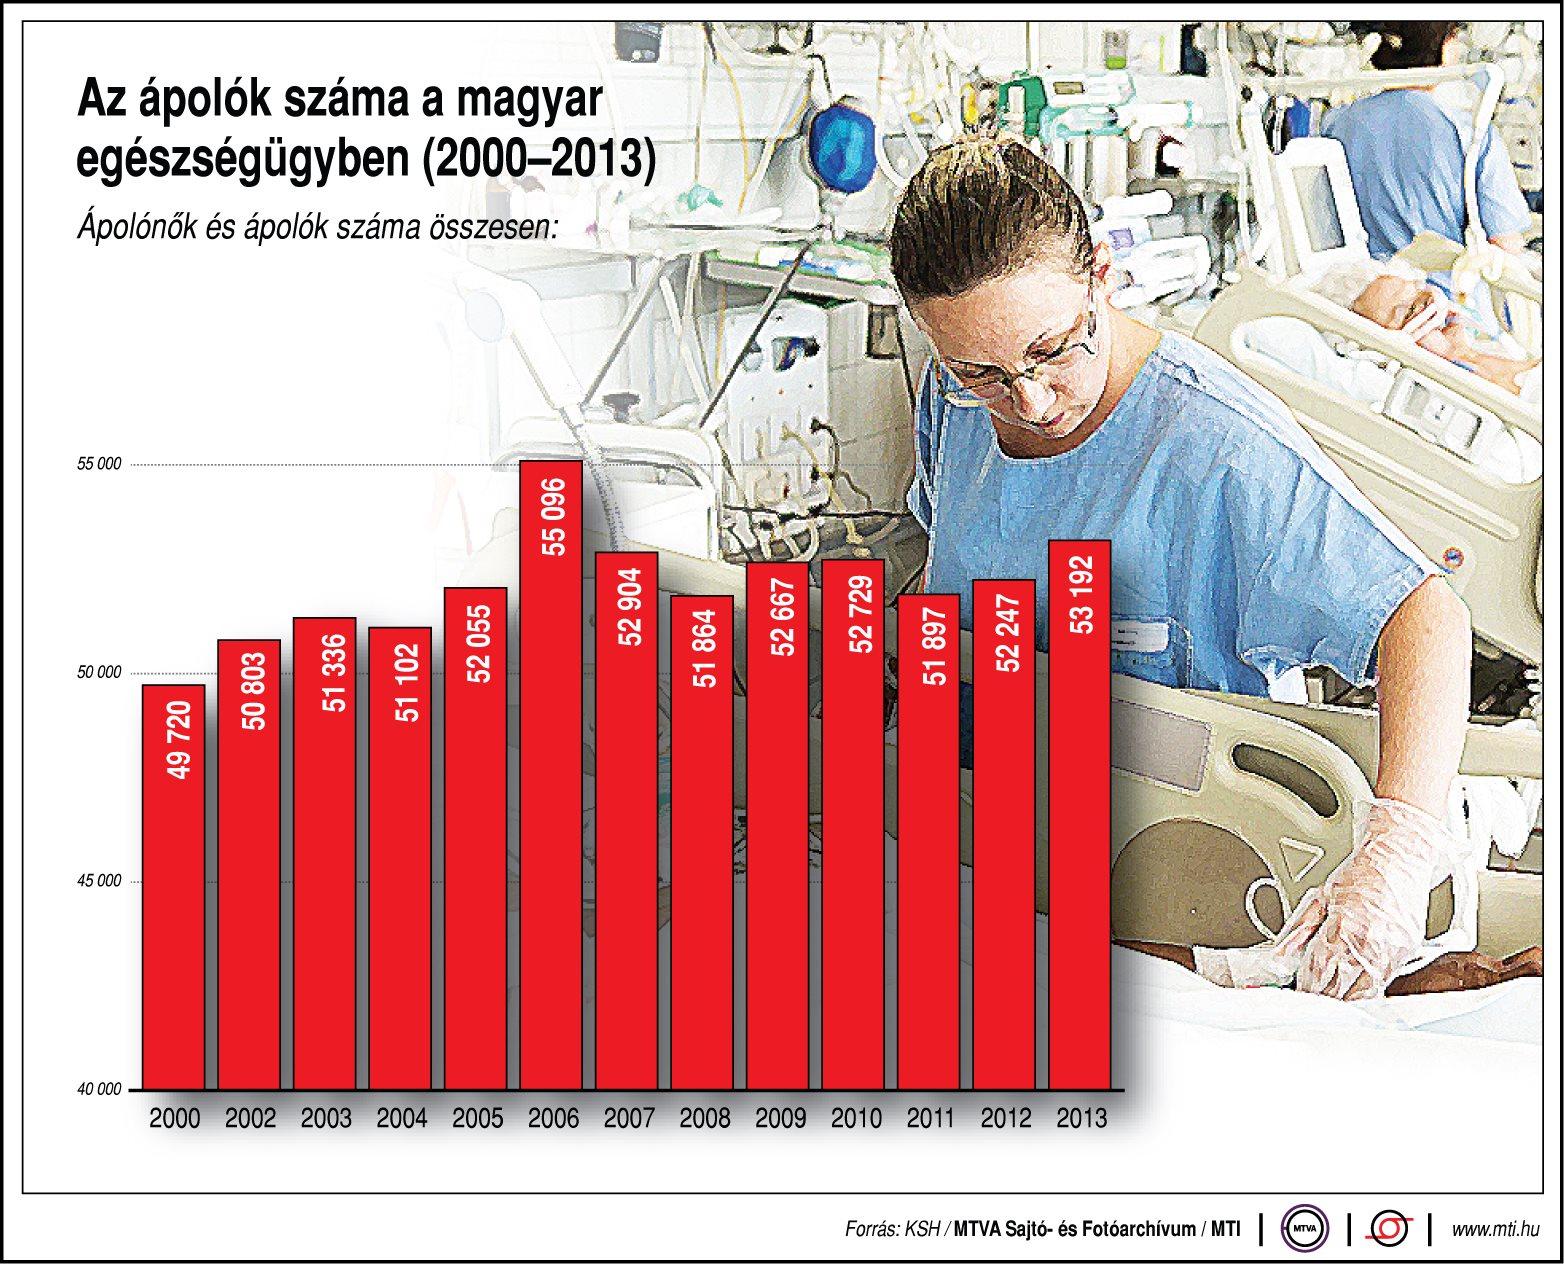 Ennyi ápoló dolgozik Magyarországon - ábra